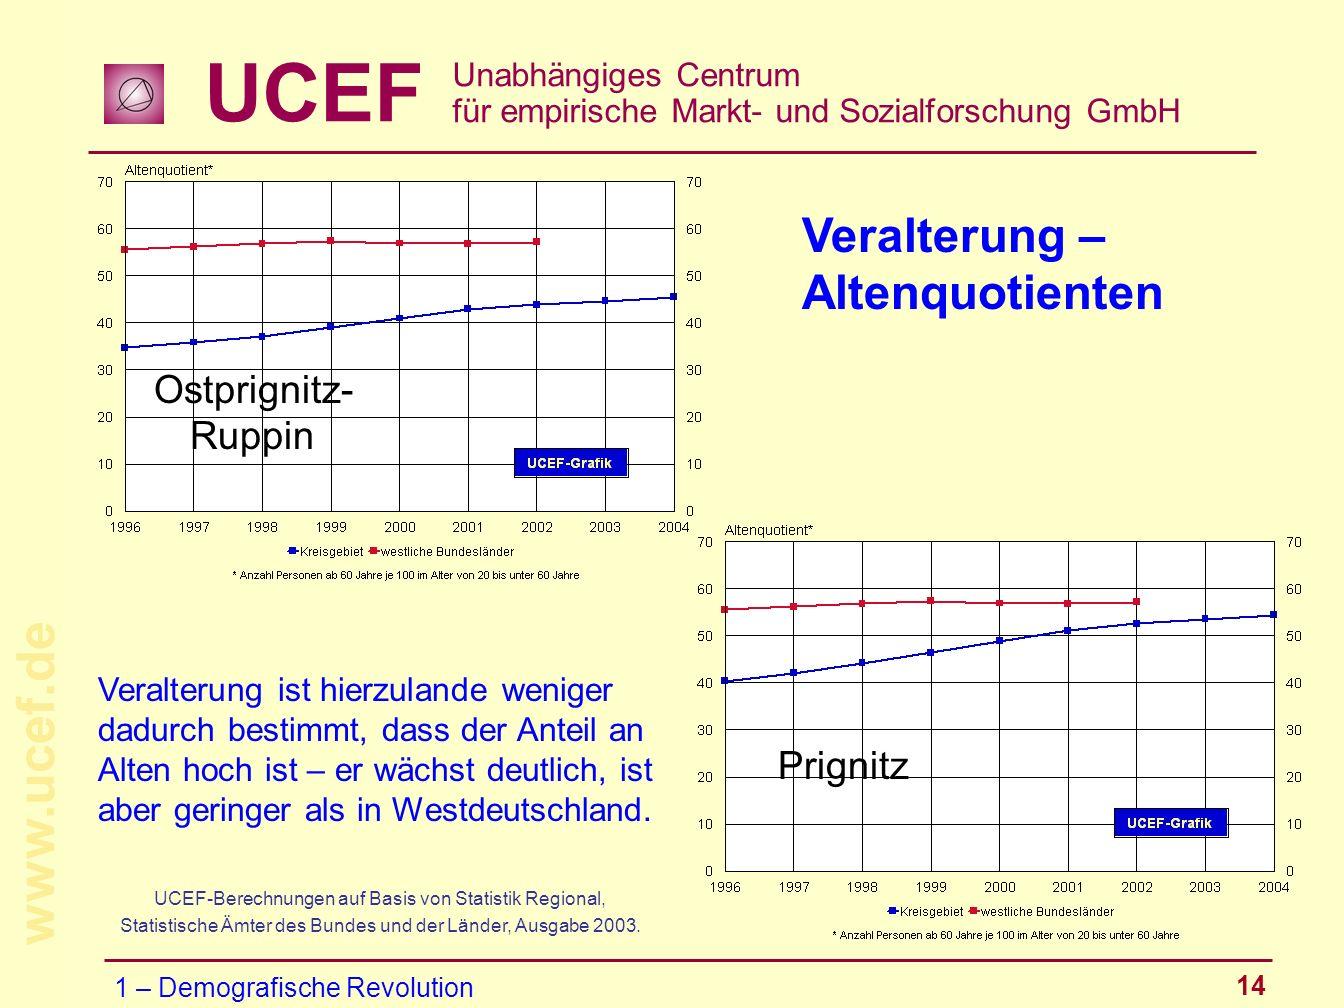 UCEF Unabhängiges Centrum für empirische Markt- und Sozialforschung GmbH www.ucef.de 14 Veralterung – Altenquotienten UCEF-Berechnungen auf Basis von